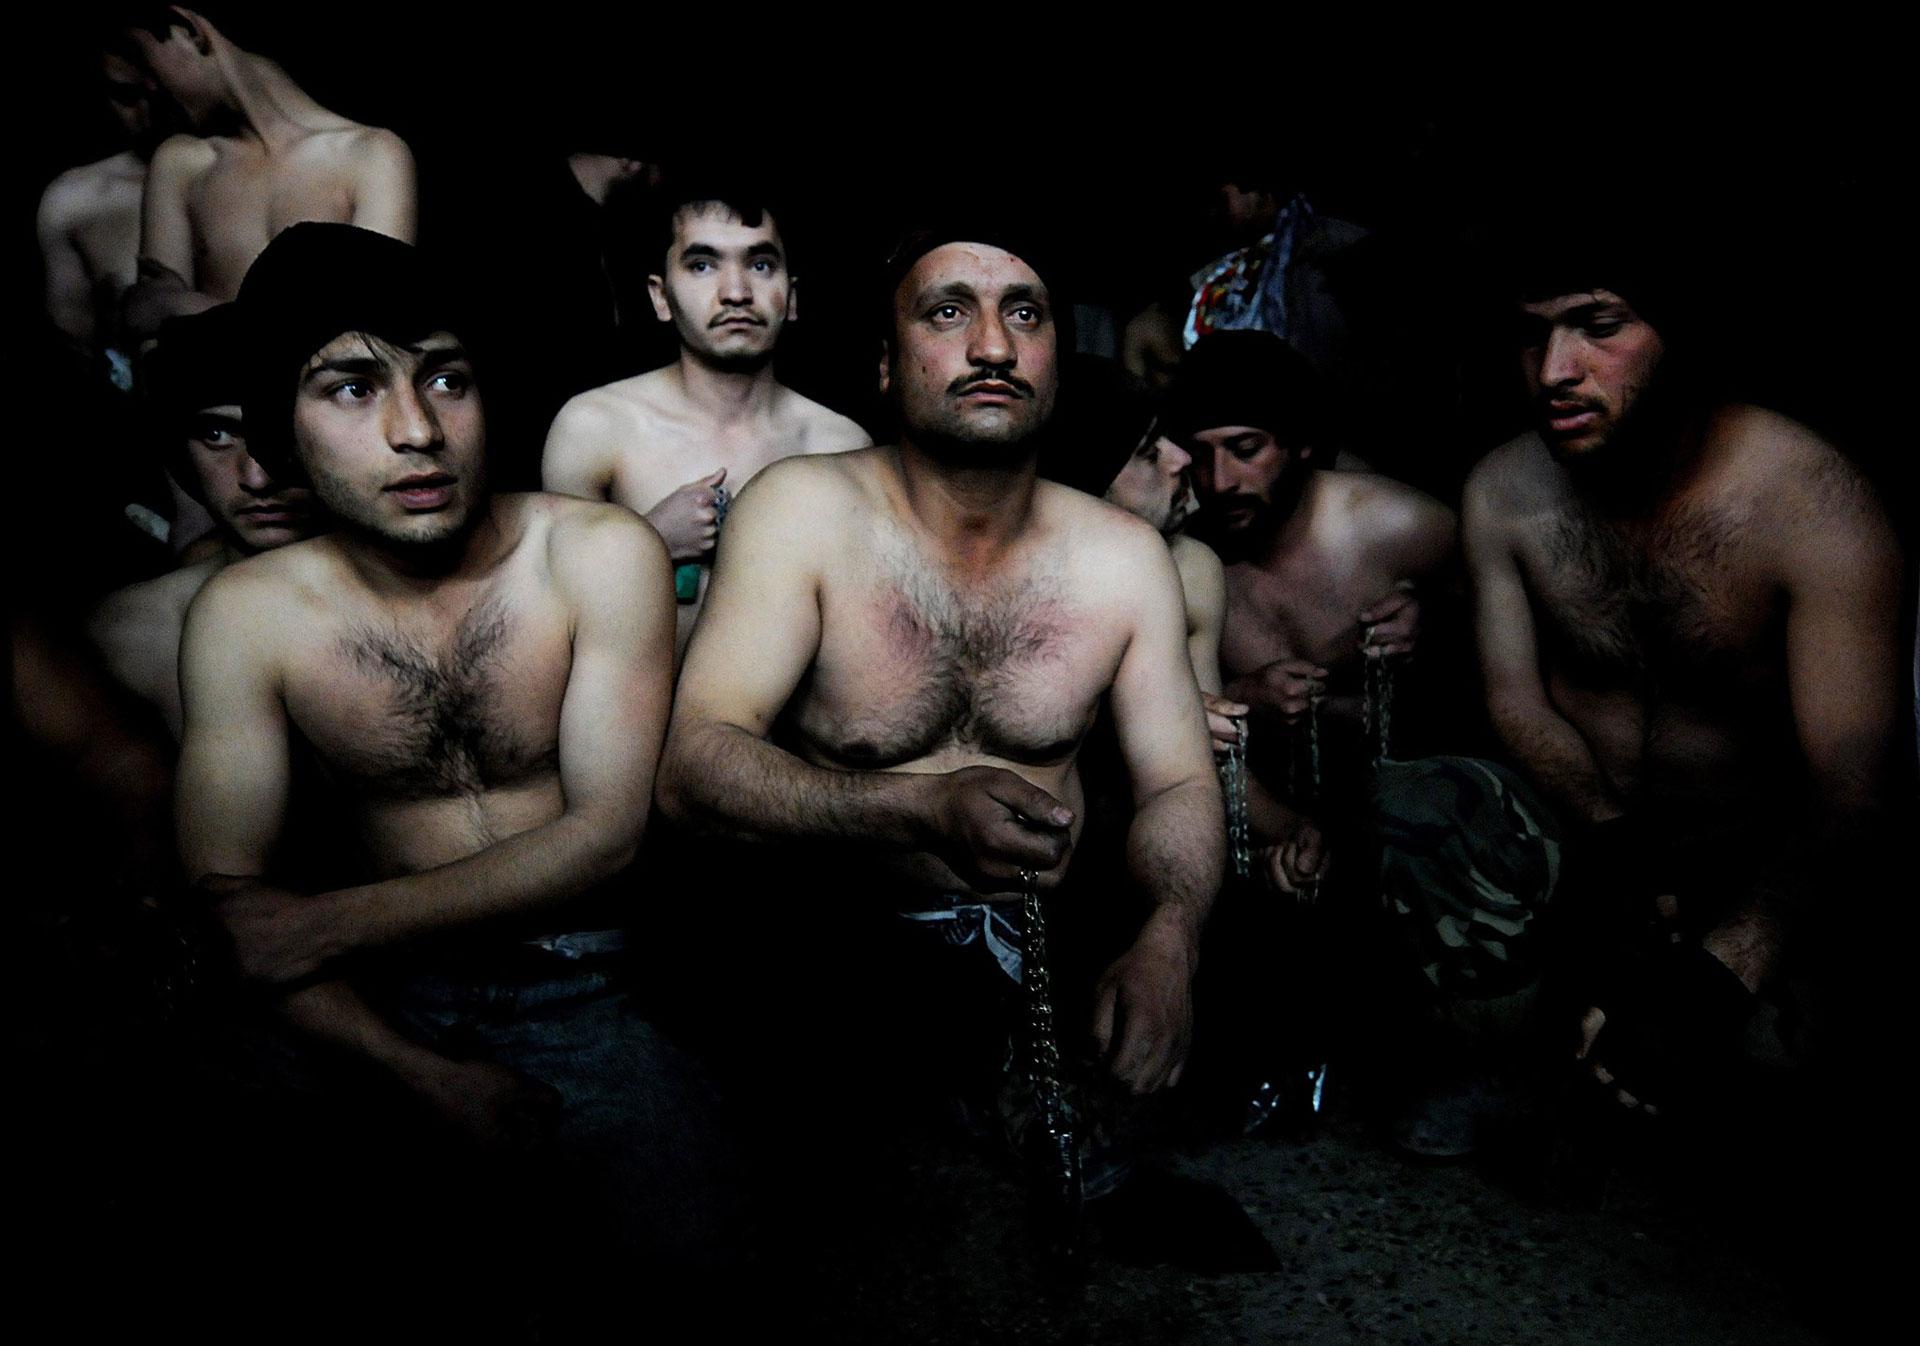 Hombres afganos preparan sus cadenas para participar del ritual musulmán del Ashura, en una mezquita de Kabul en 2008 (AFP)